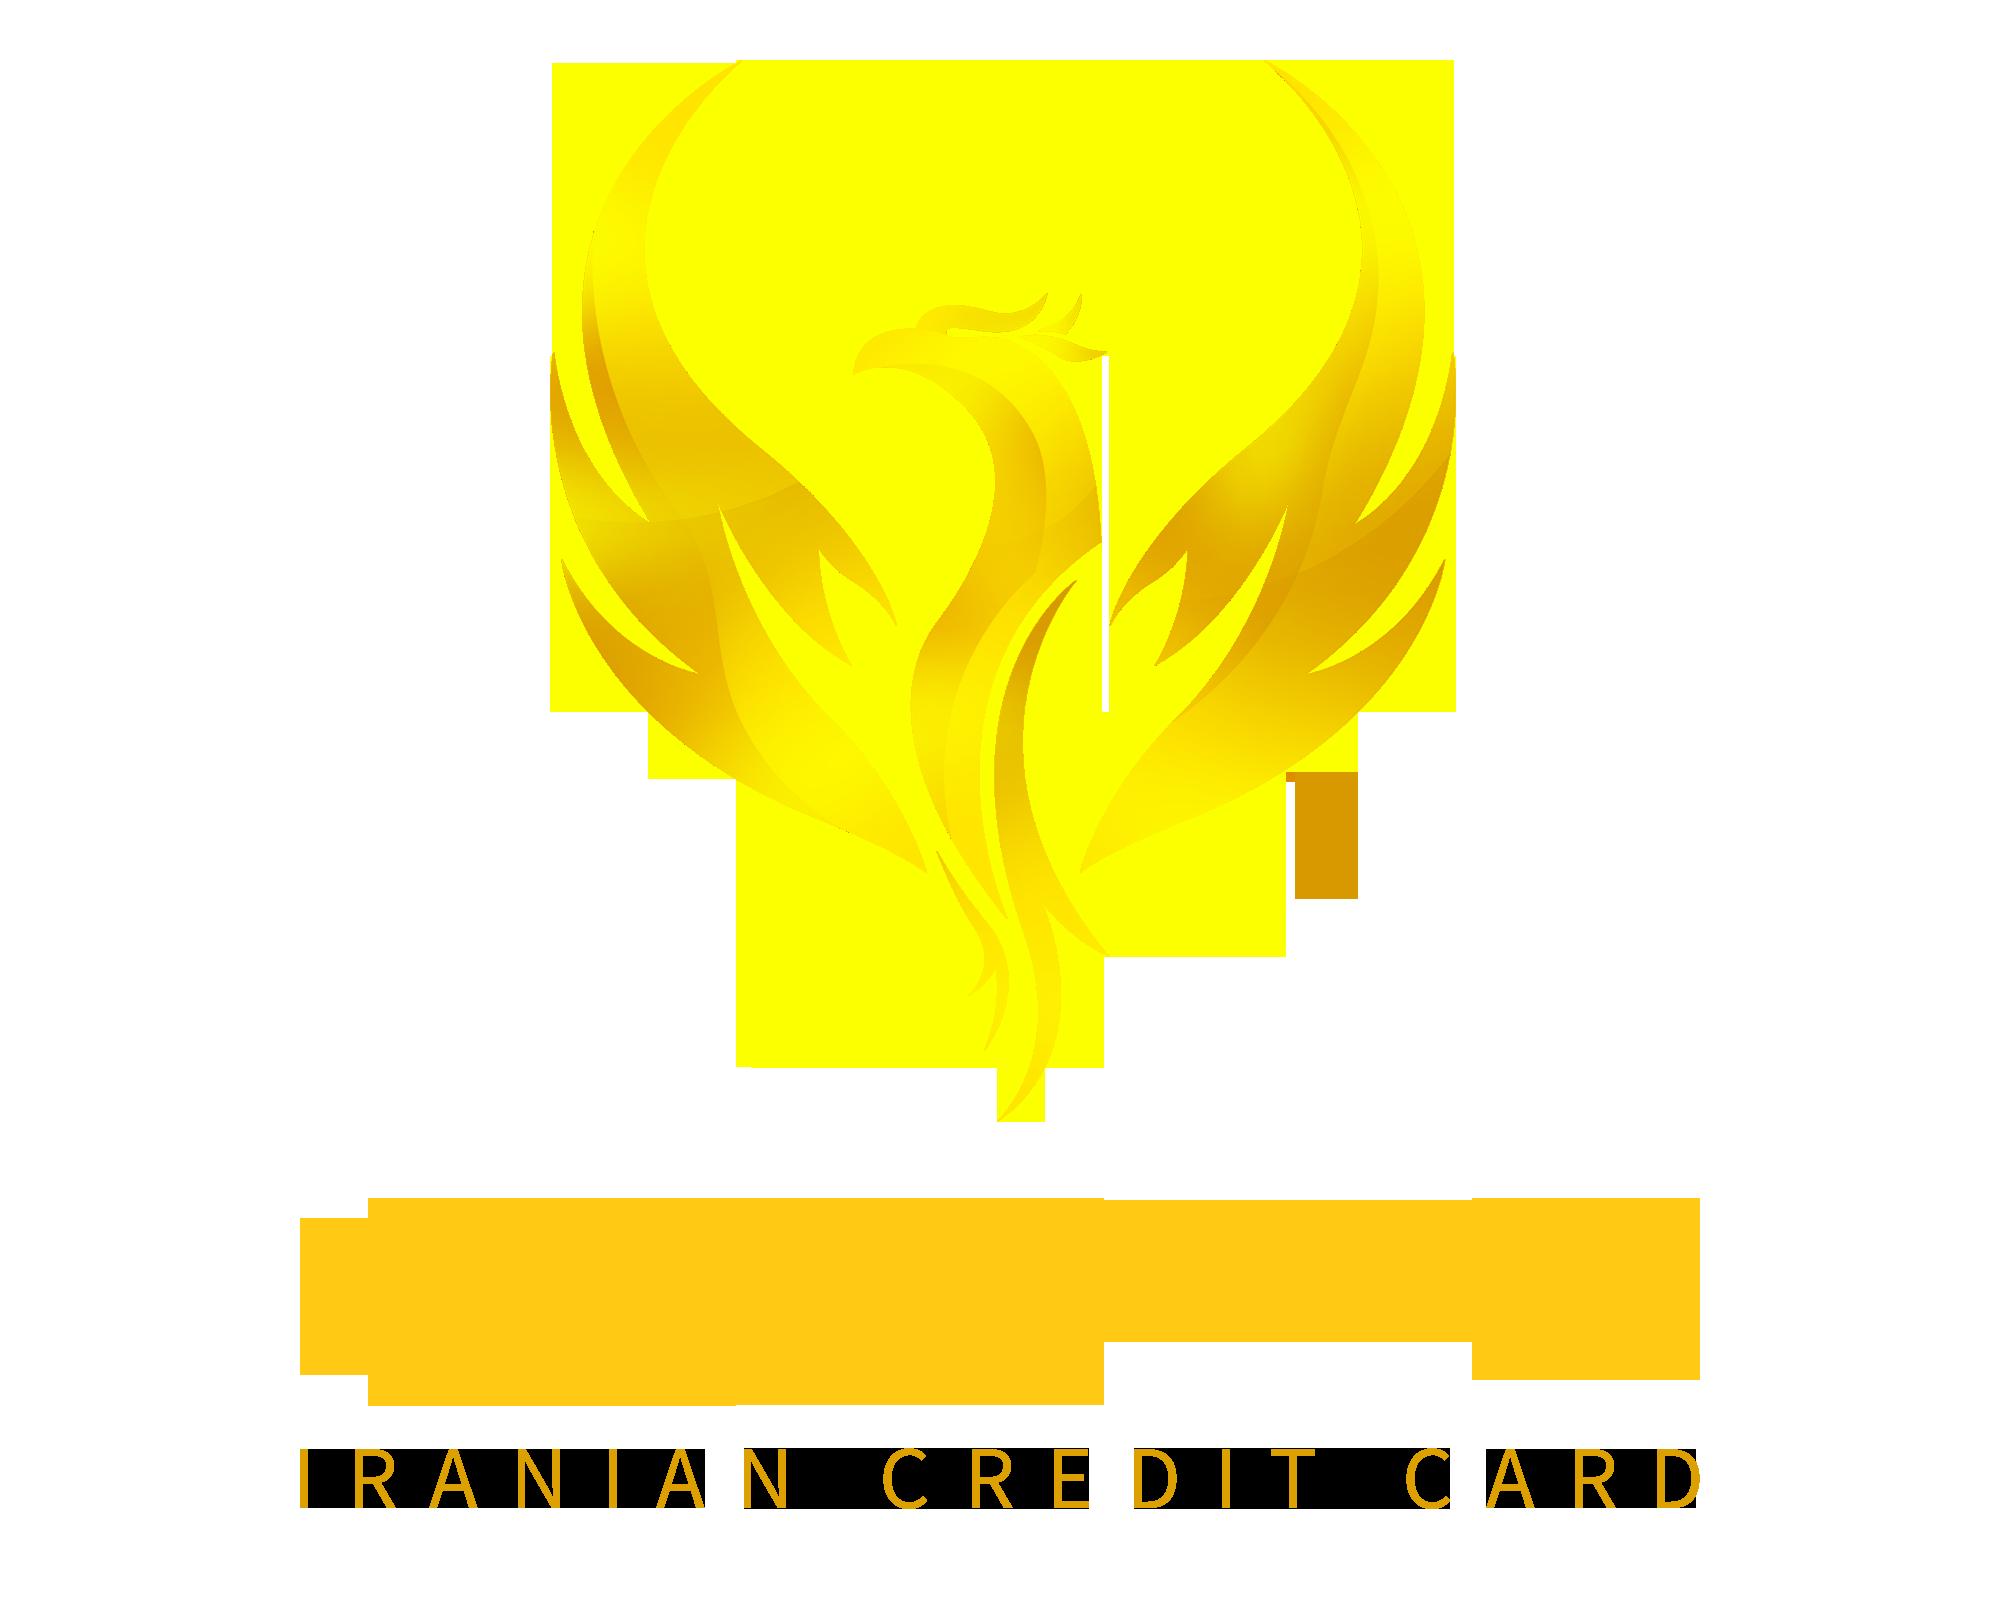 لوگوی کارت اعتباری امتیازی ایرانیان